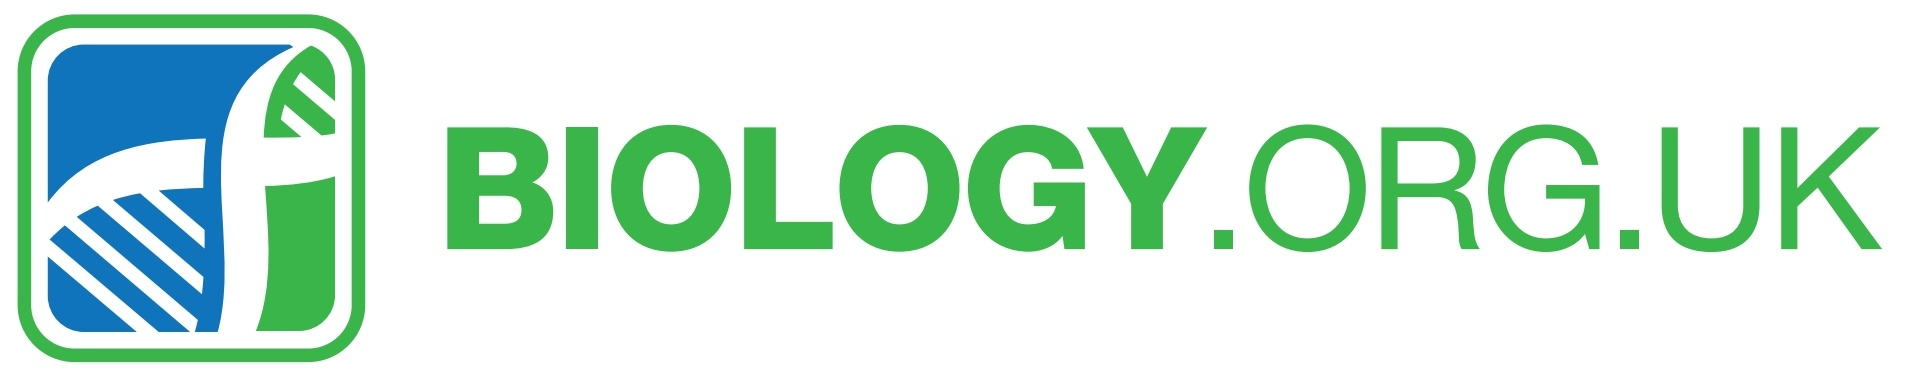 BIOLOGY.ORG.UK